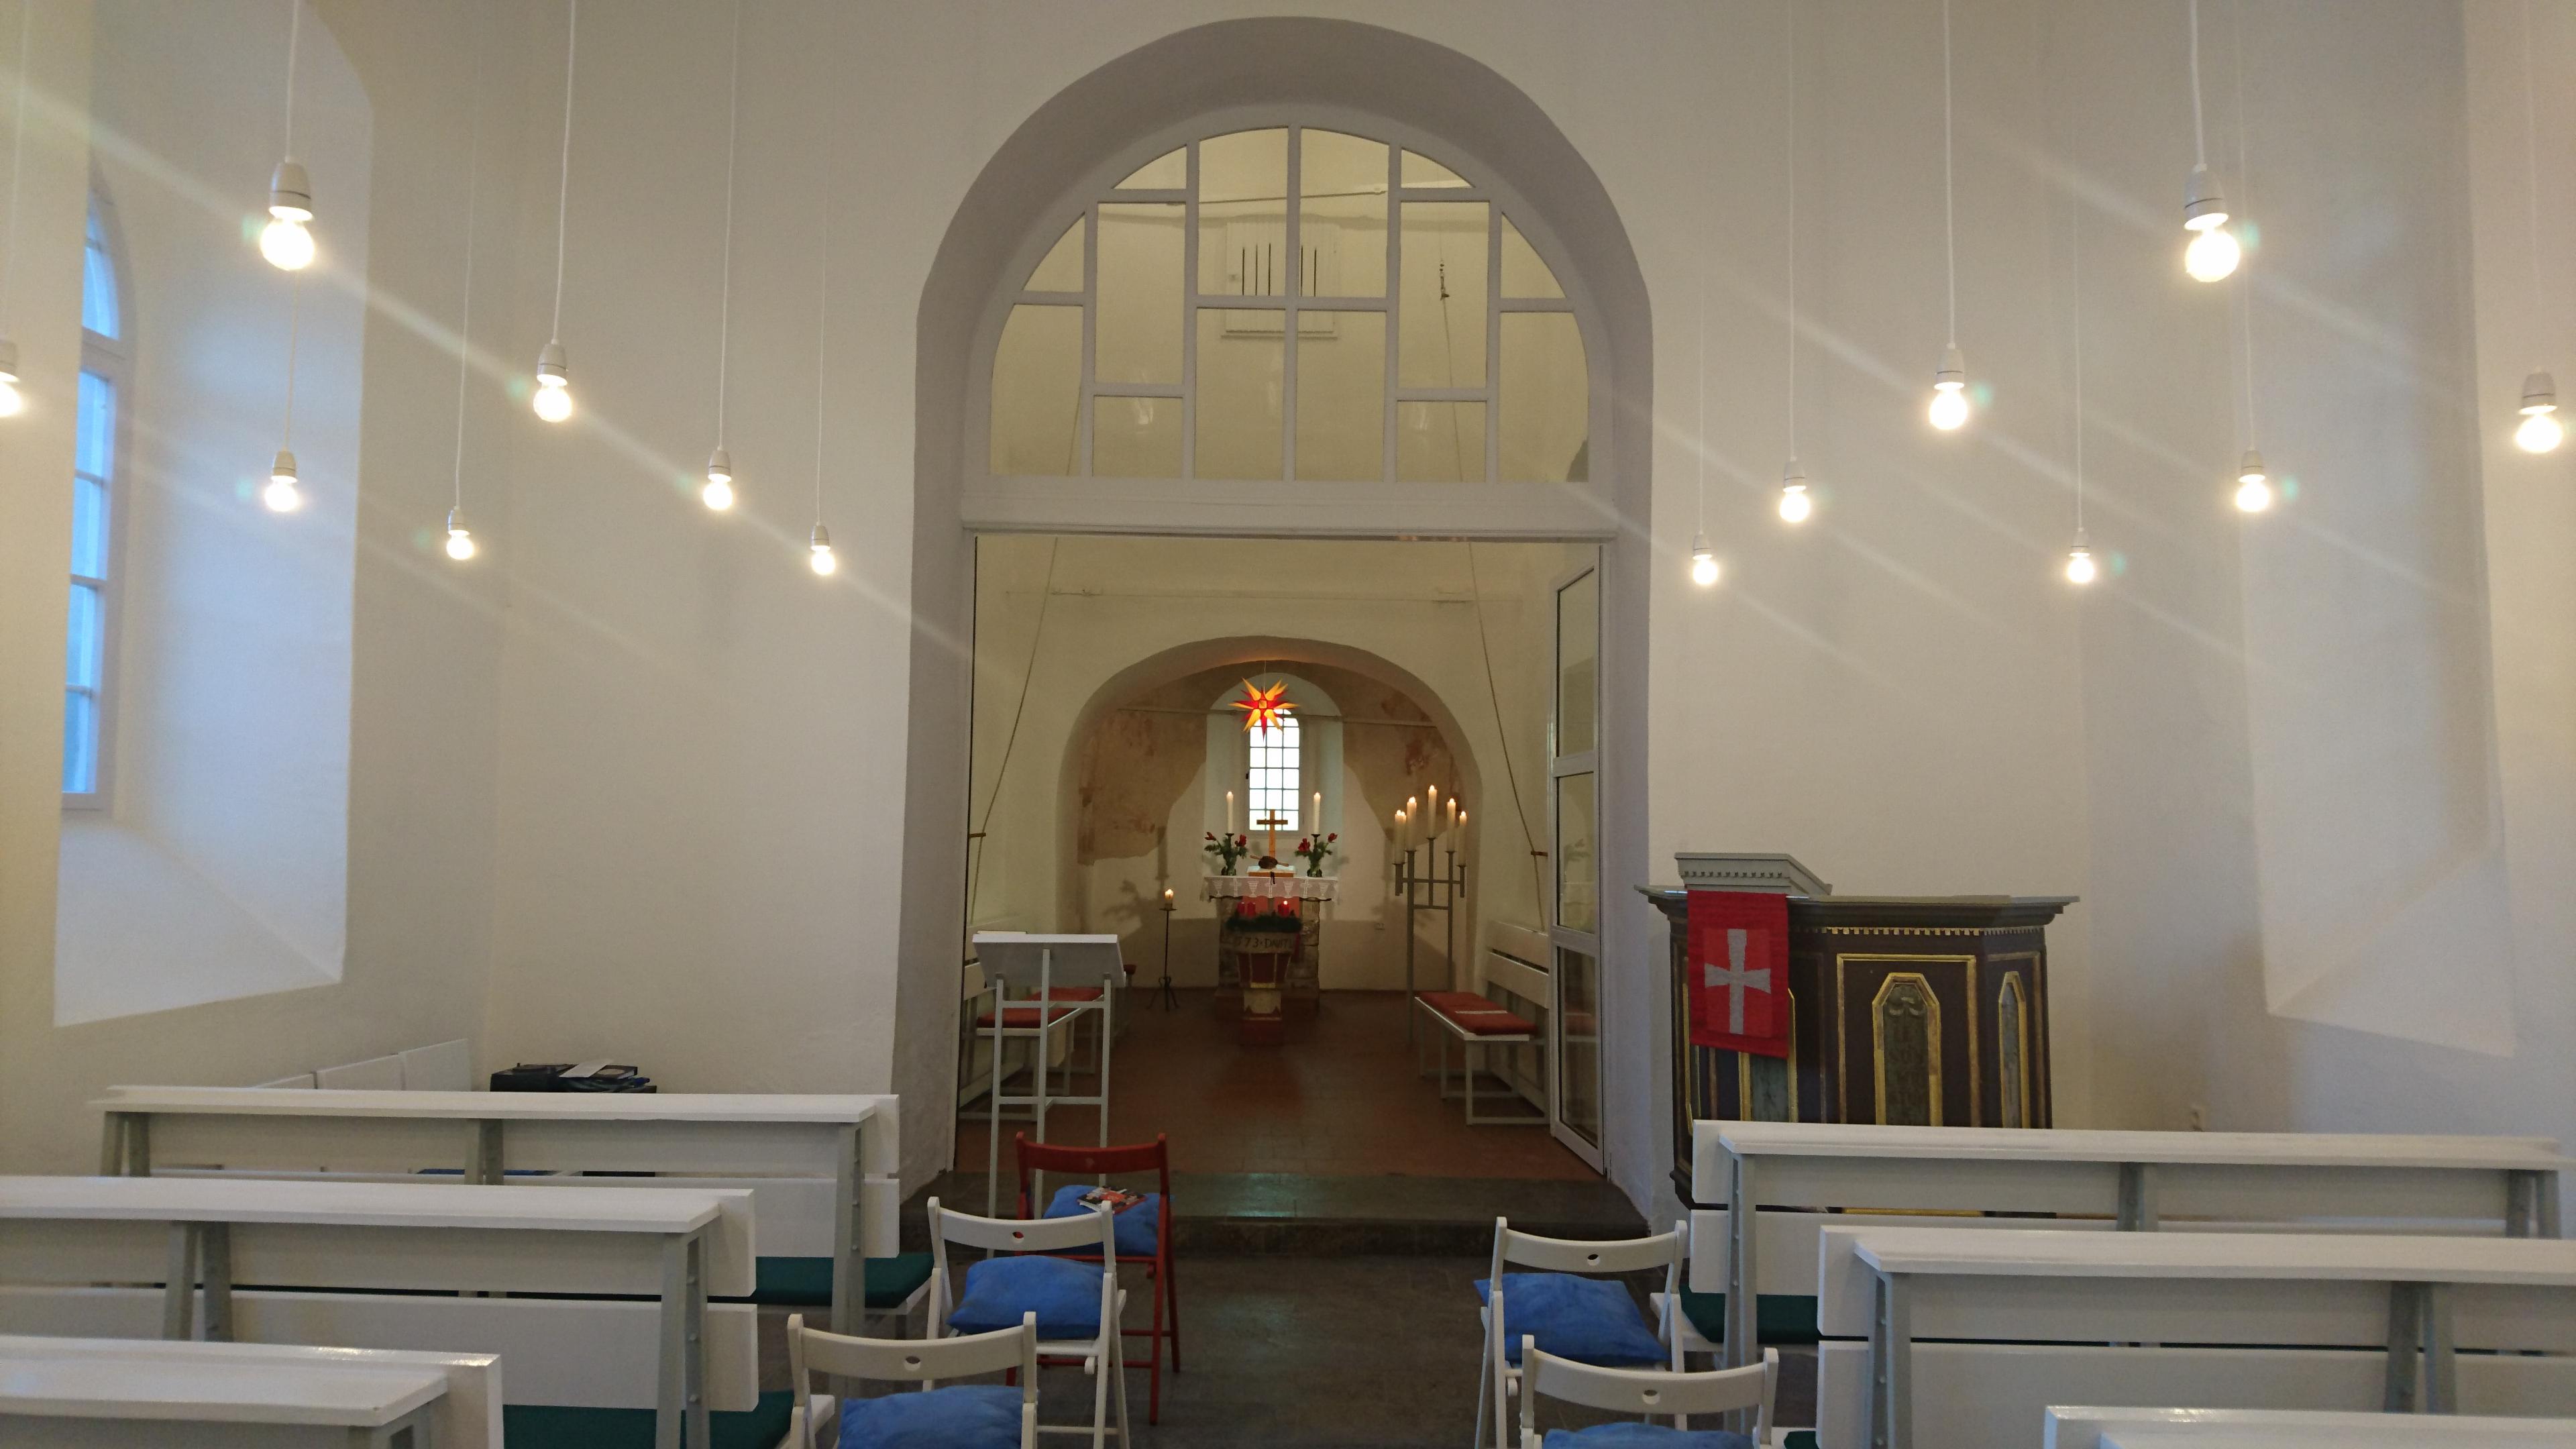 Innenraum der Feiningerkirche Gelmeroda - Ansicht 2 (RAG Weimarer Land - Mittelthüringen e.V.)